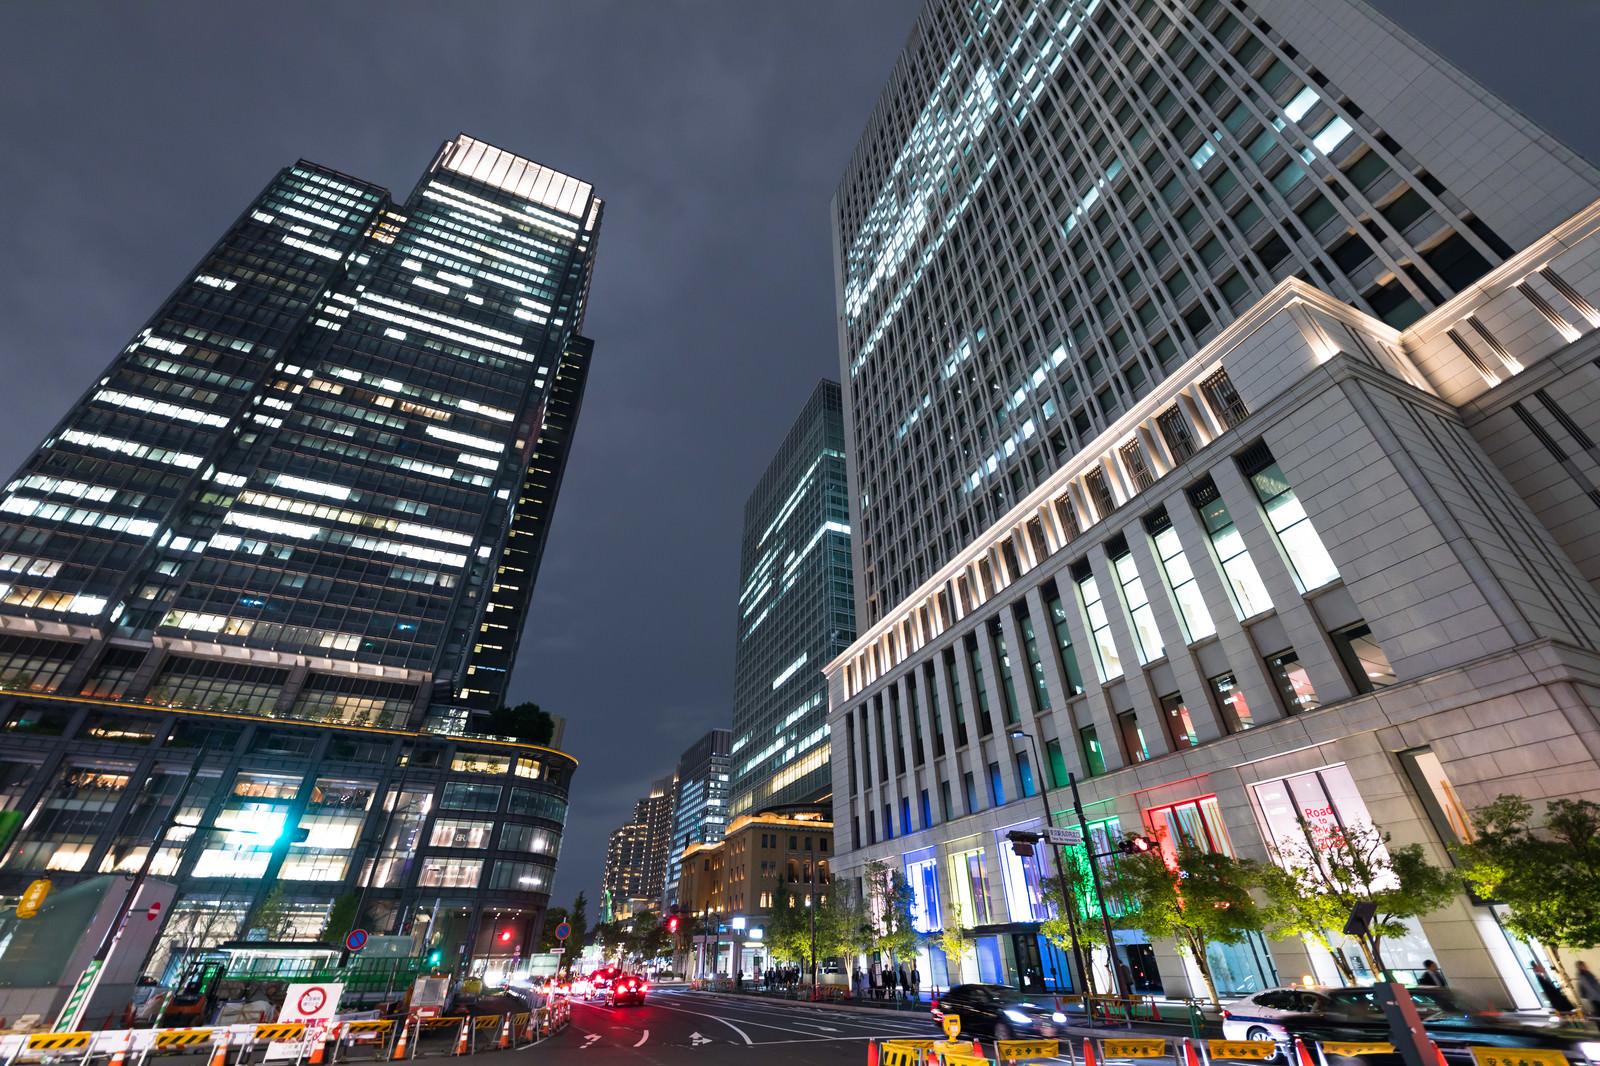 「東京駅丸の内北口信号前(夜景)」の写真